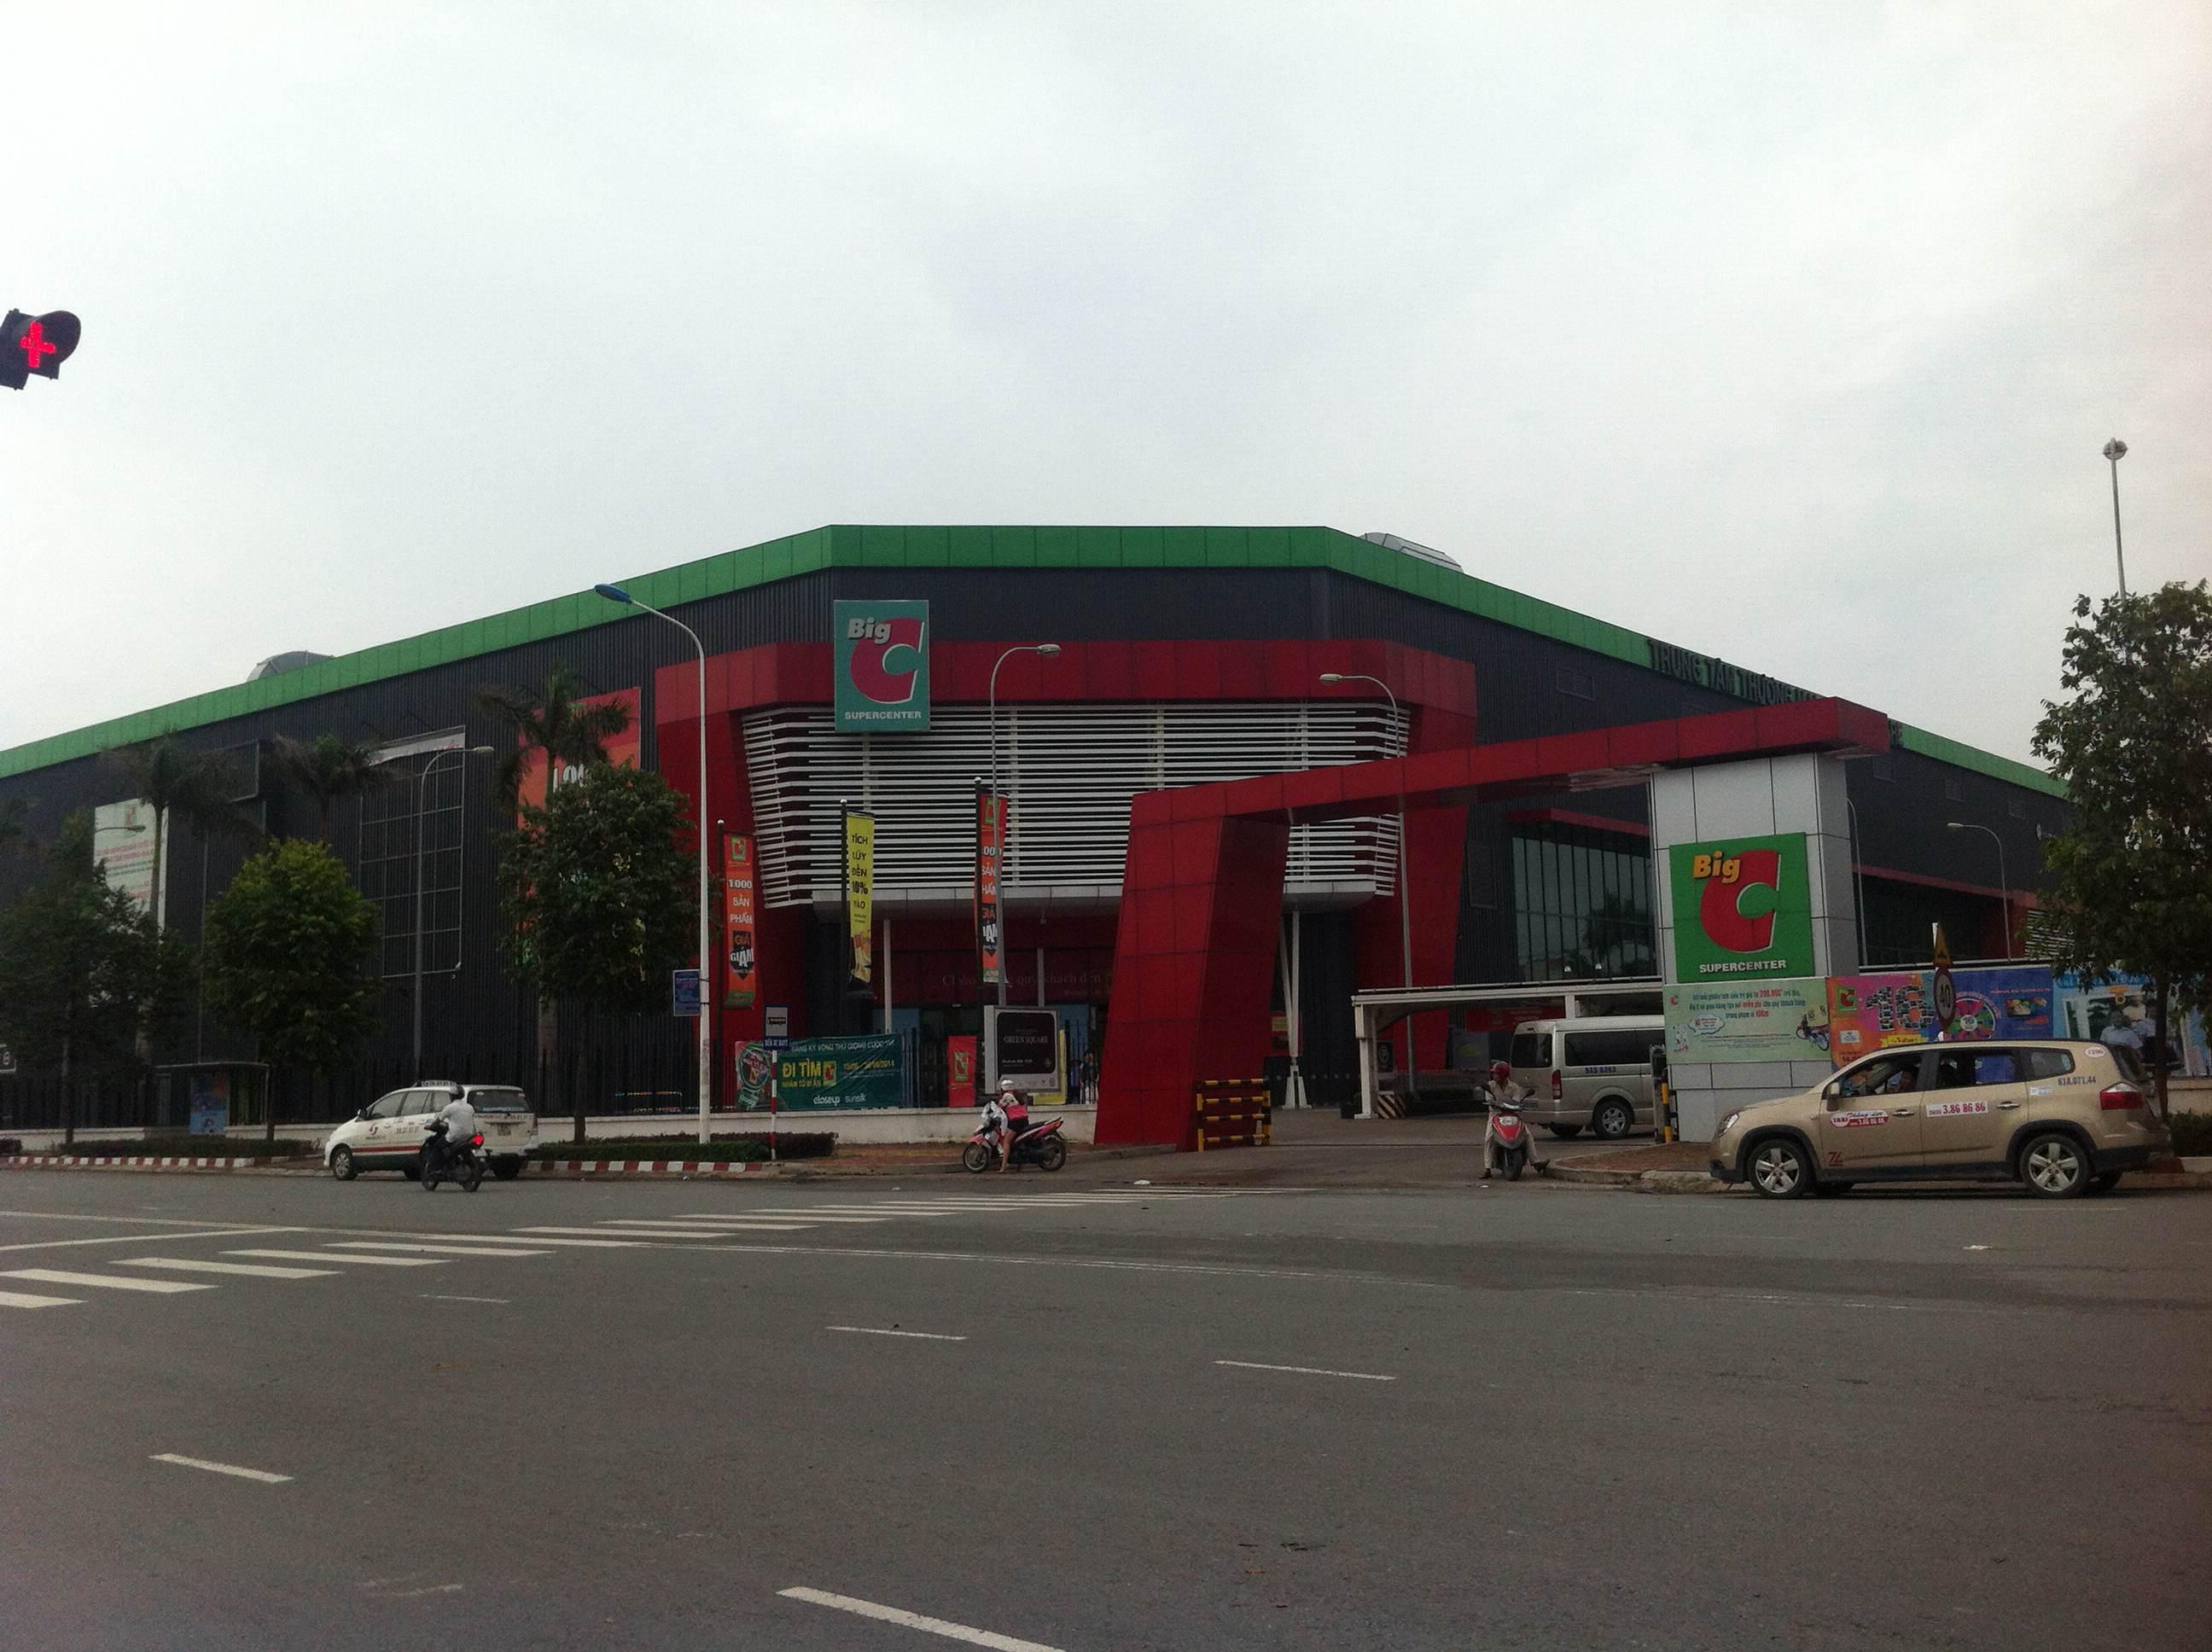 Nhà Cấp 4 Gần BigC,Trong Khu Dân Cư Đông Hoà Dĩ An, nhà gần ngay trung tâm siêu thị bigc dĩ an